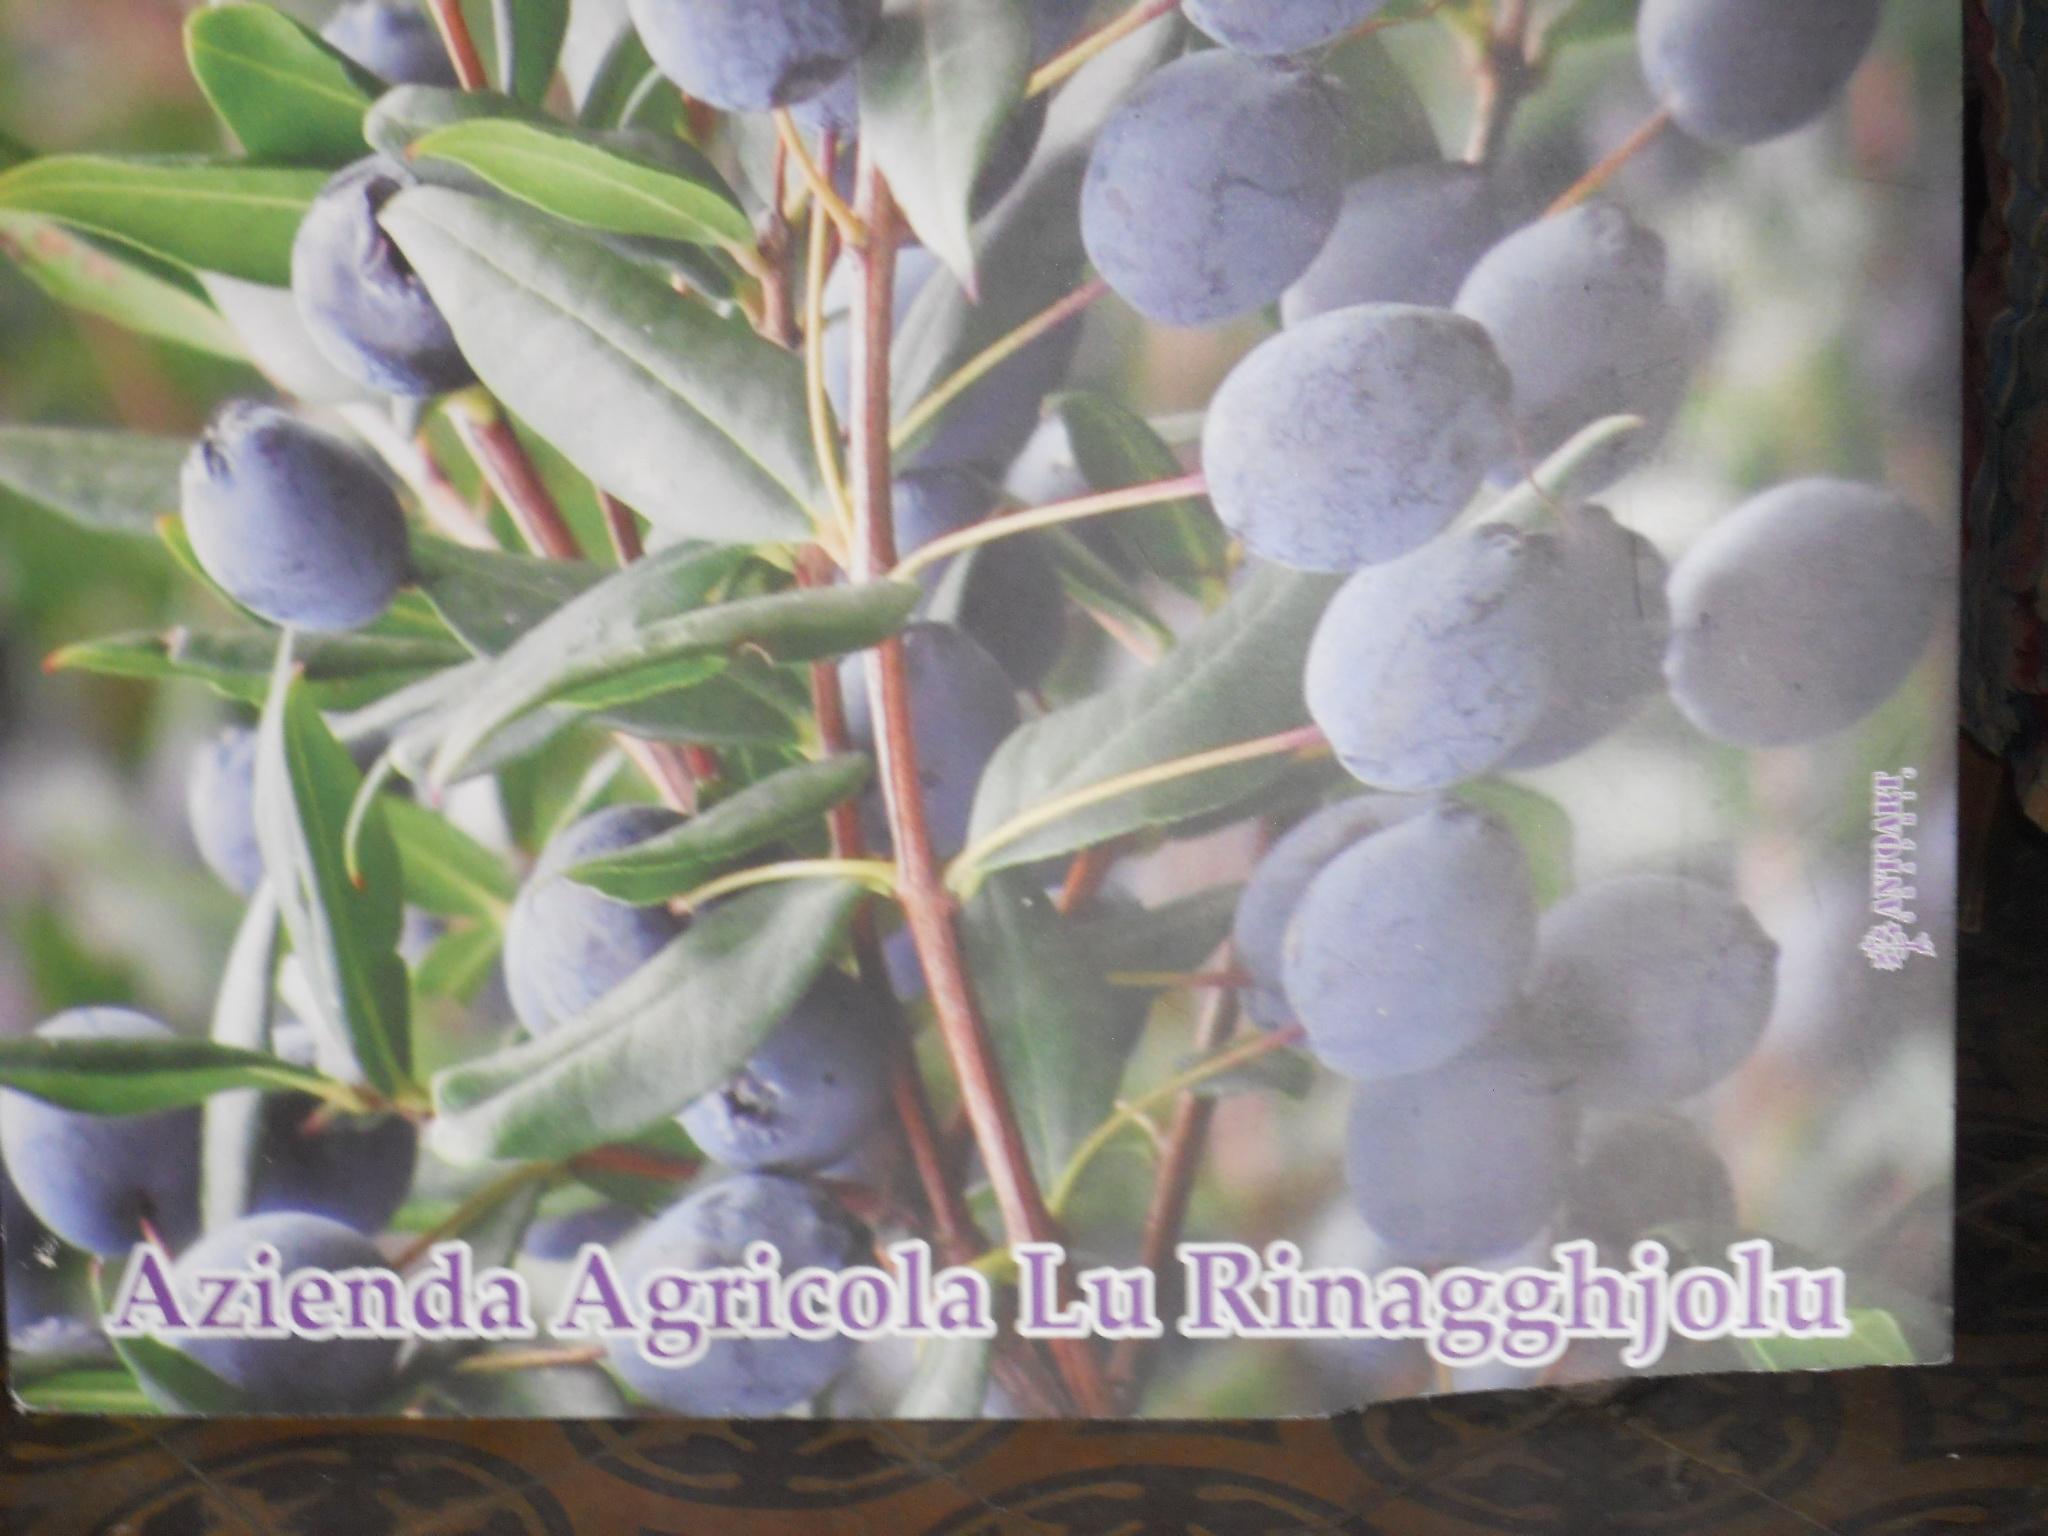 La scia profumata dei saponi ai petali di rosa di Paoletta giunge fino a Luras.